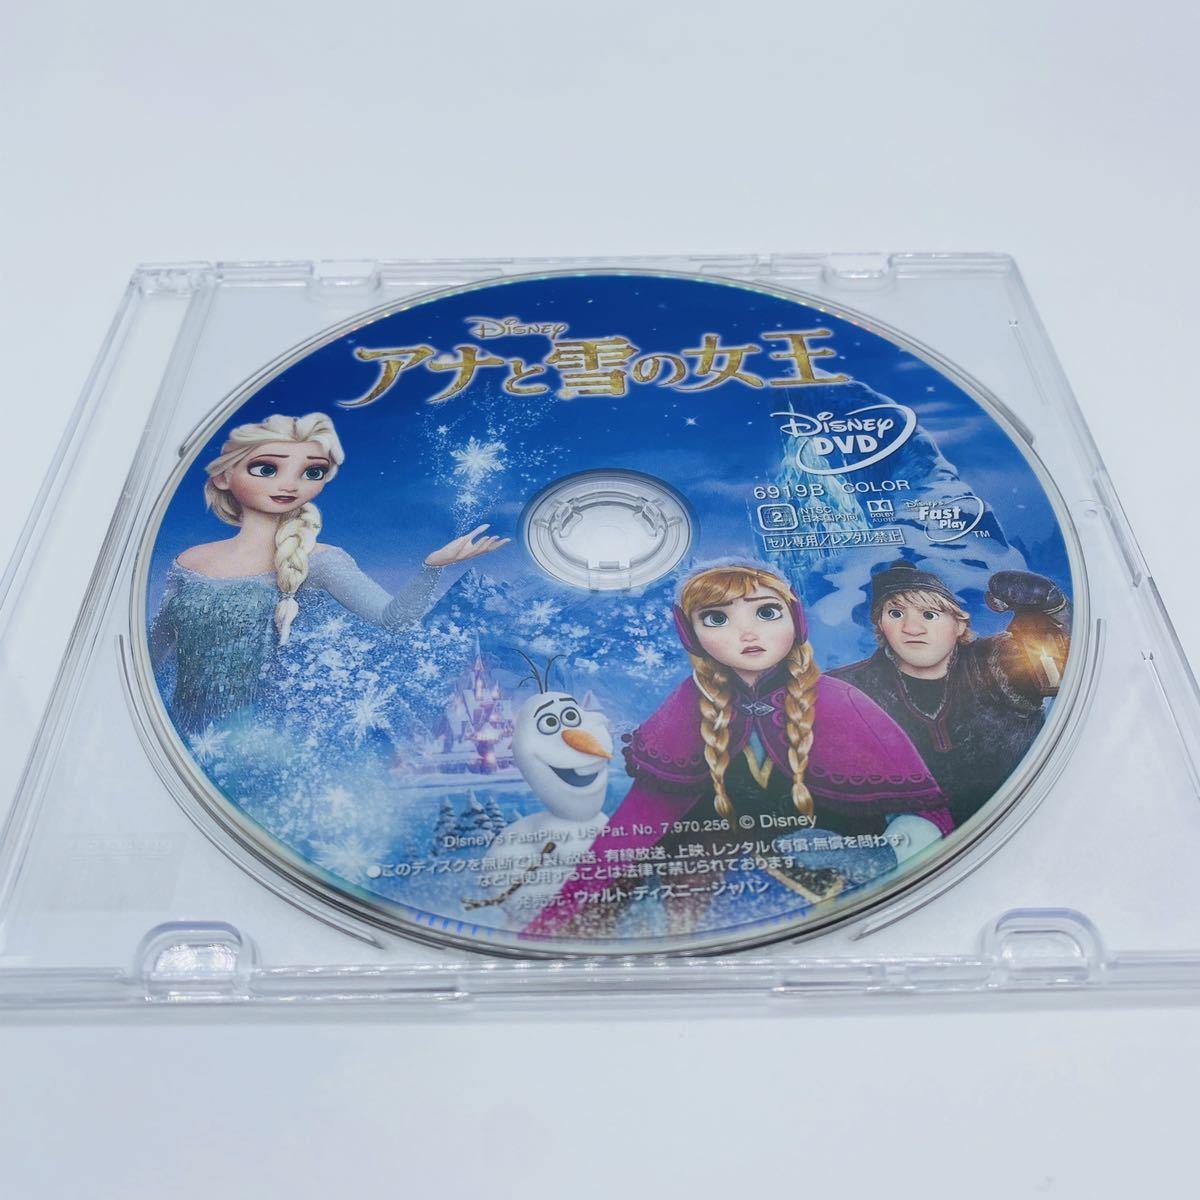 未使用品 アナと雪の女王 DVDのみ 送料無料 メール便 ディズニー Disney 映画 キッズ ファミリー アニメ